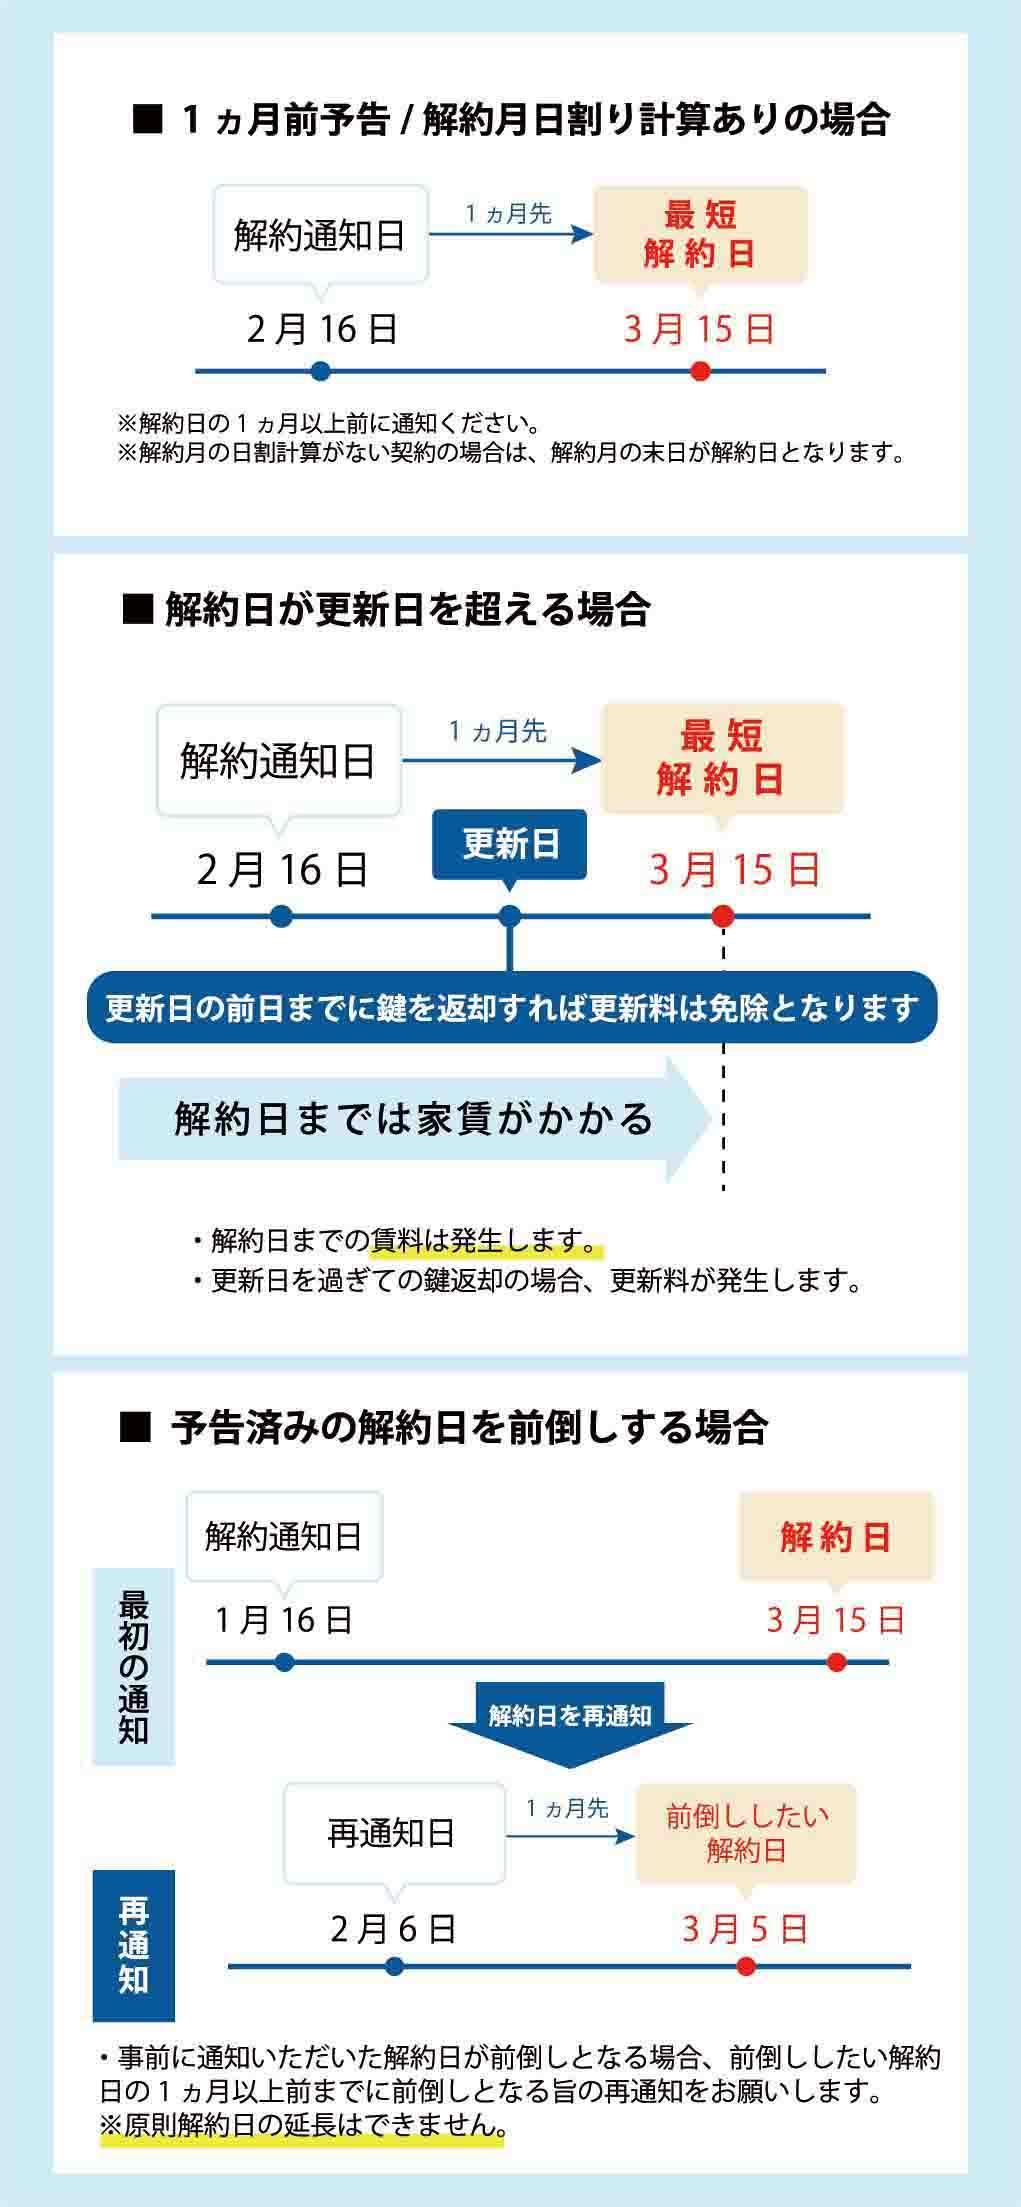 賃貸契約・各種手続き受付フォーム/入居者様専用HP【へやのしおり ...